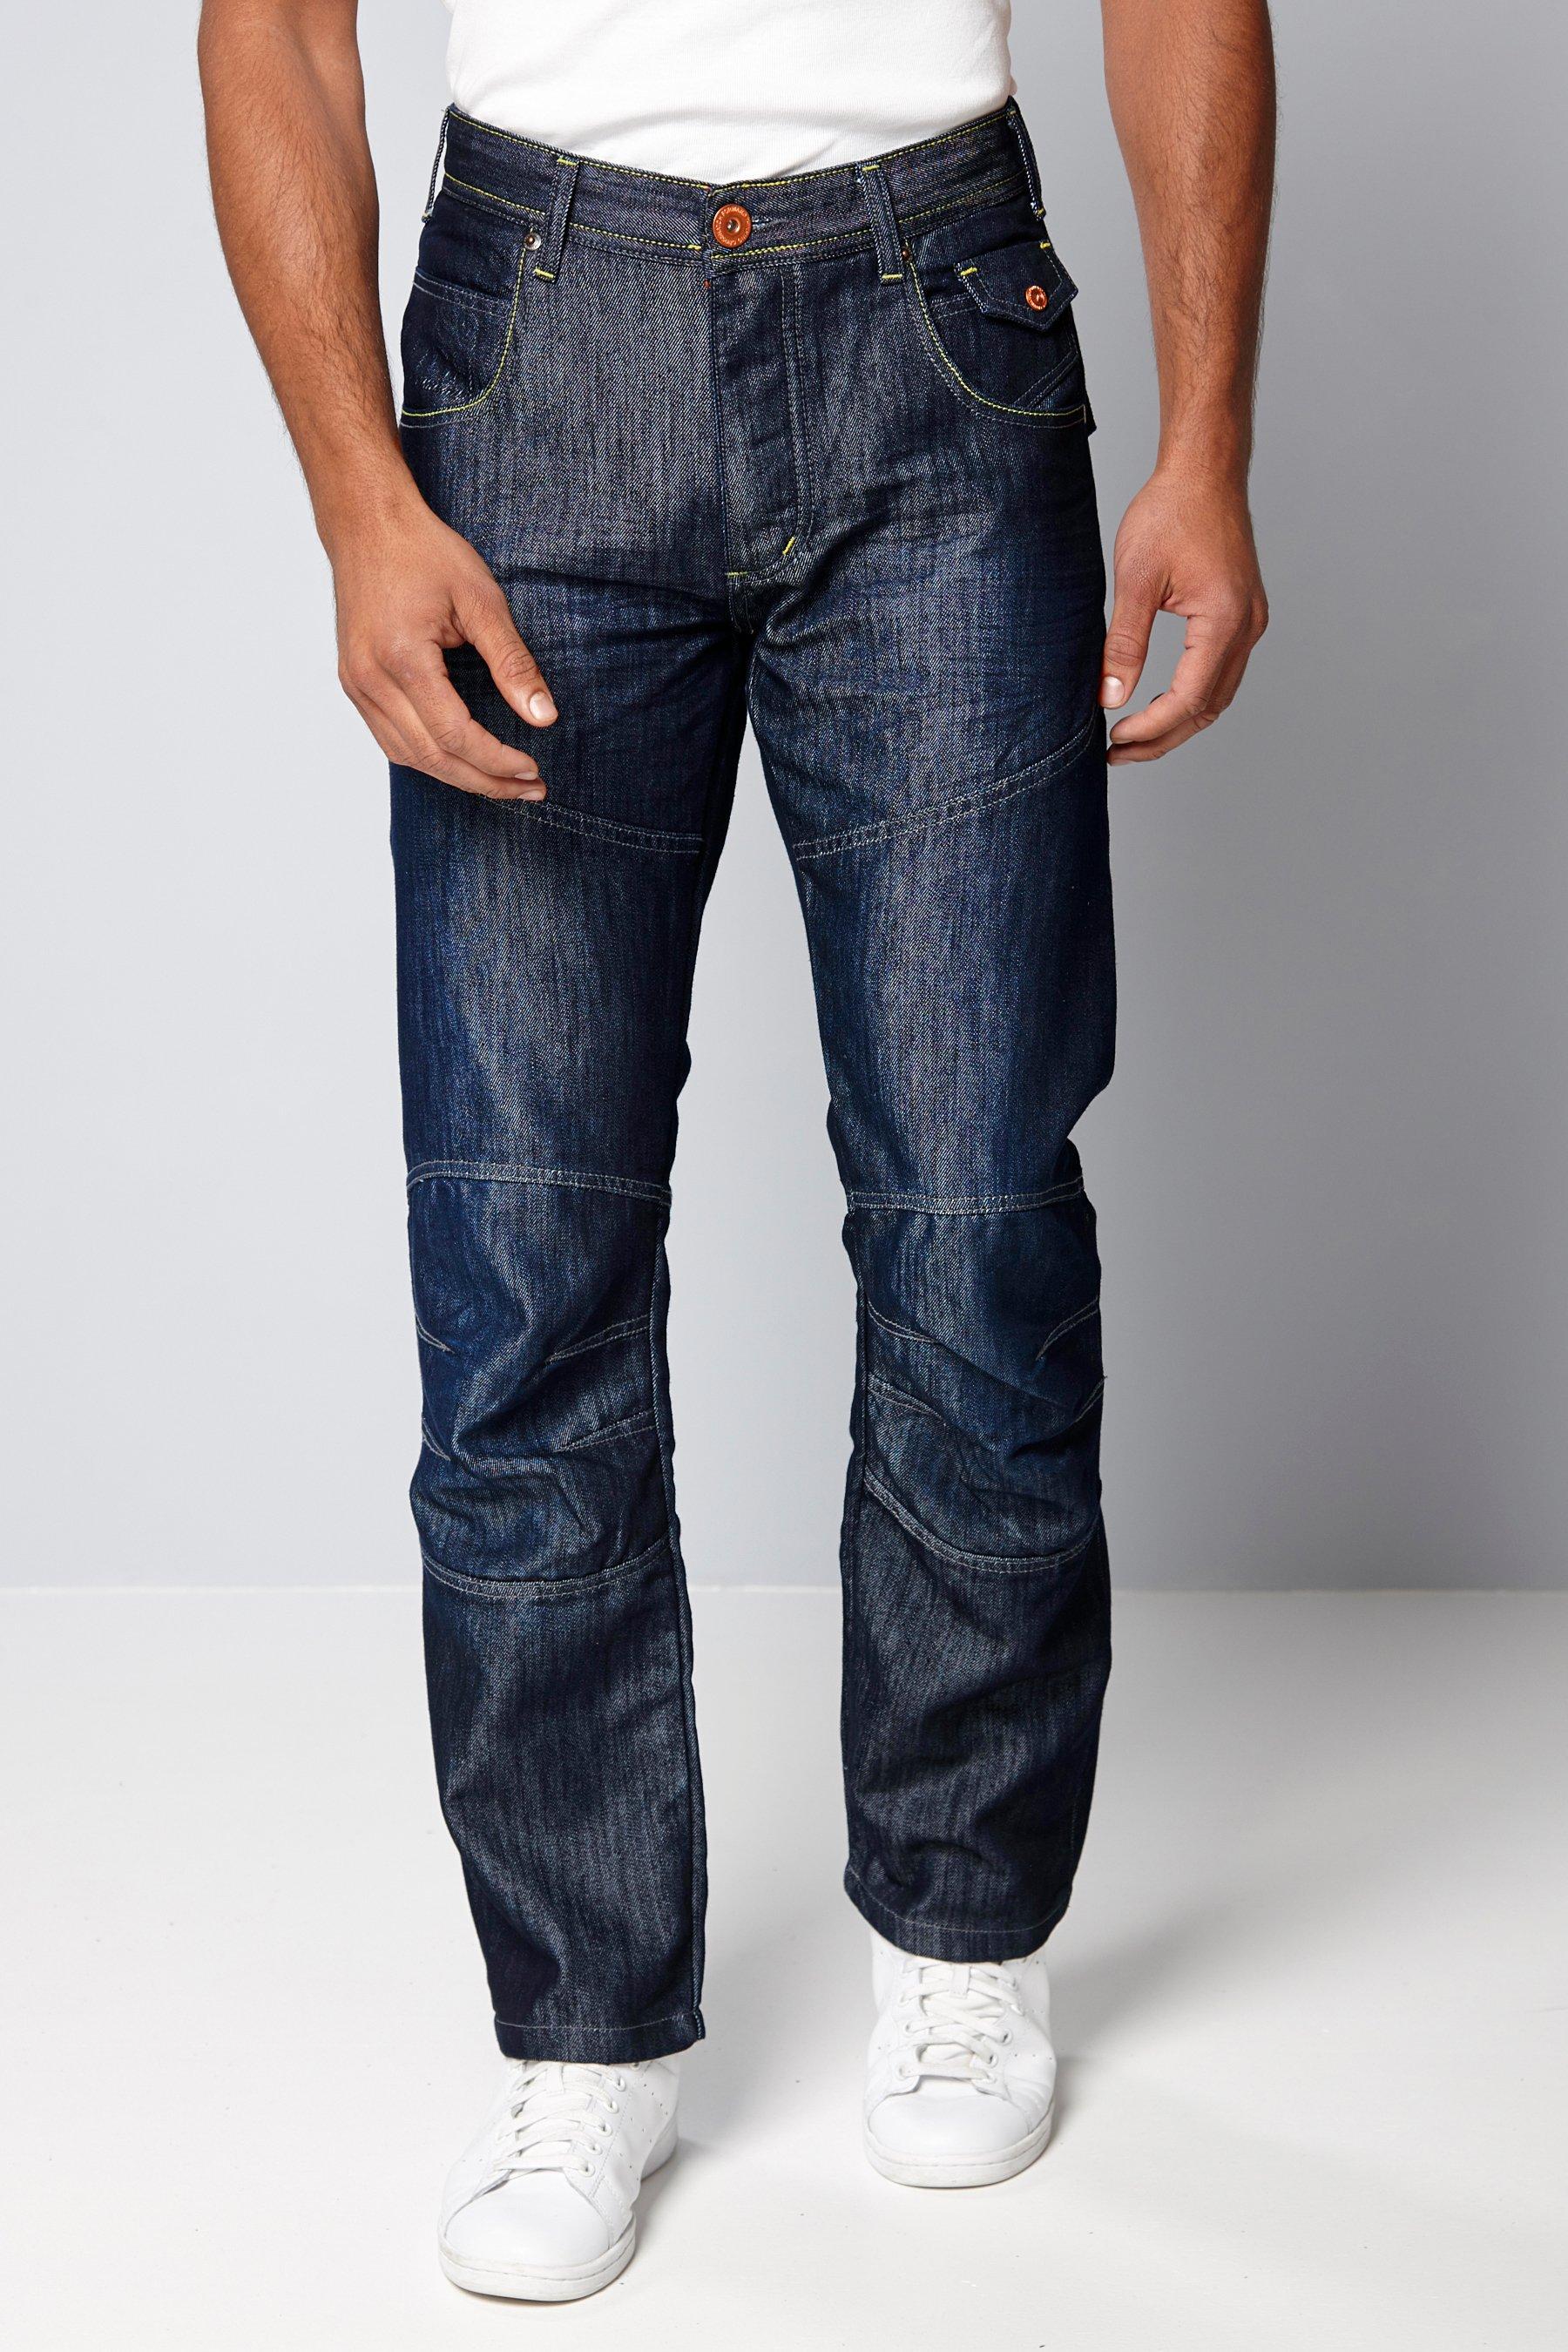 e9364e0bf4 ... Crosshatch Newport Jeans from studio. Super Zoom